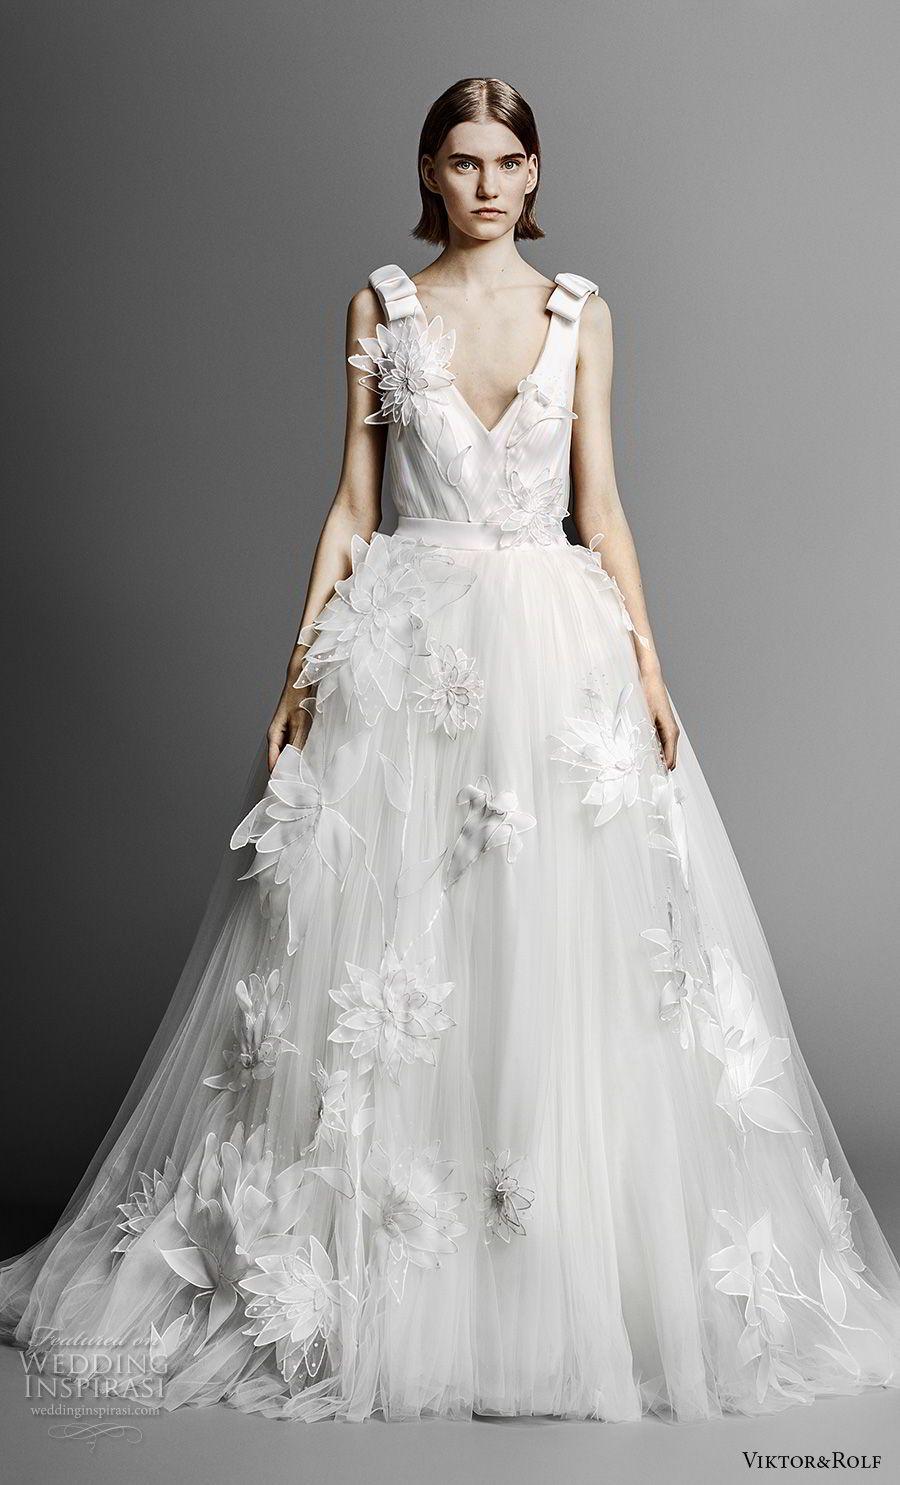 Tulle skirt wedding dress  ViktoruRolf Spring  Wedding Dresses  Tulle skirts Wedding